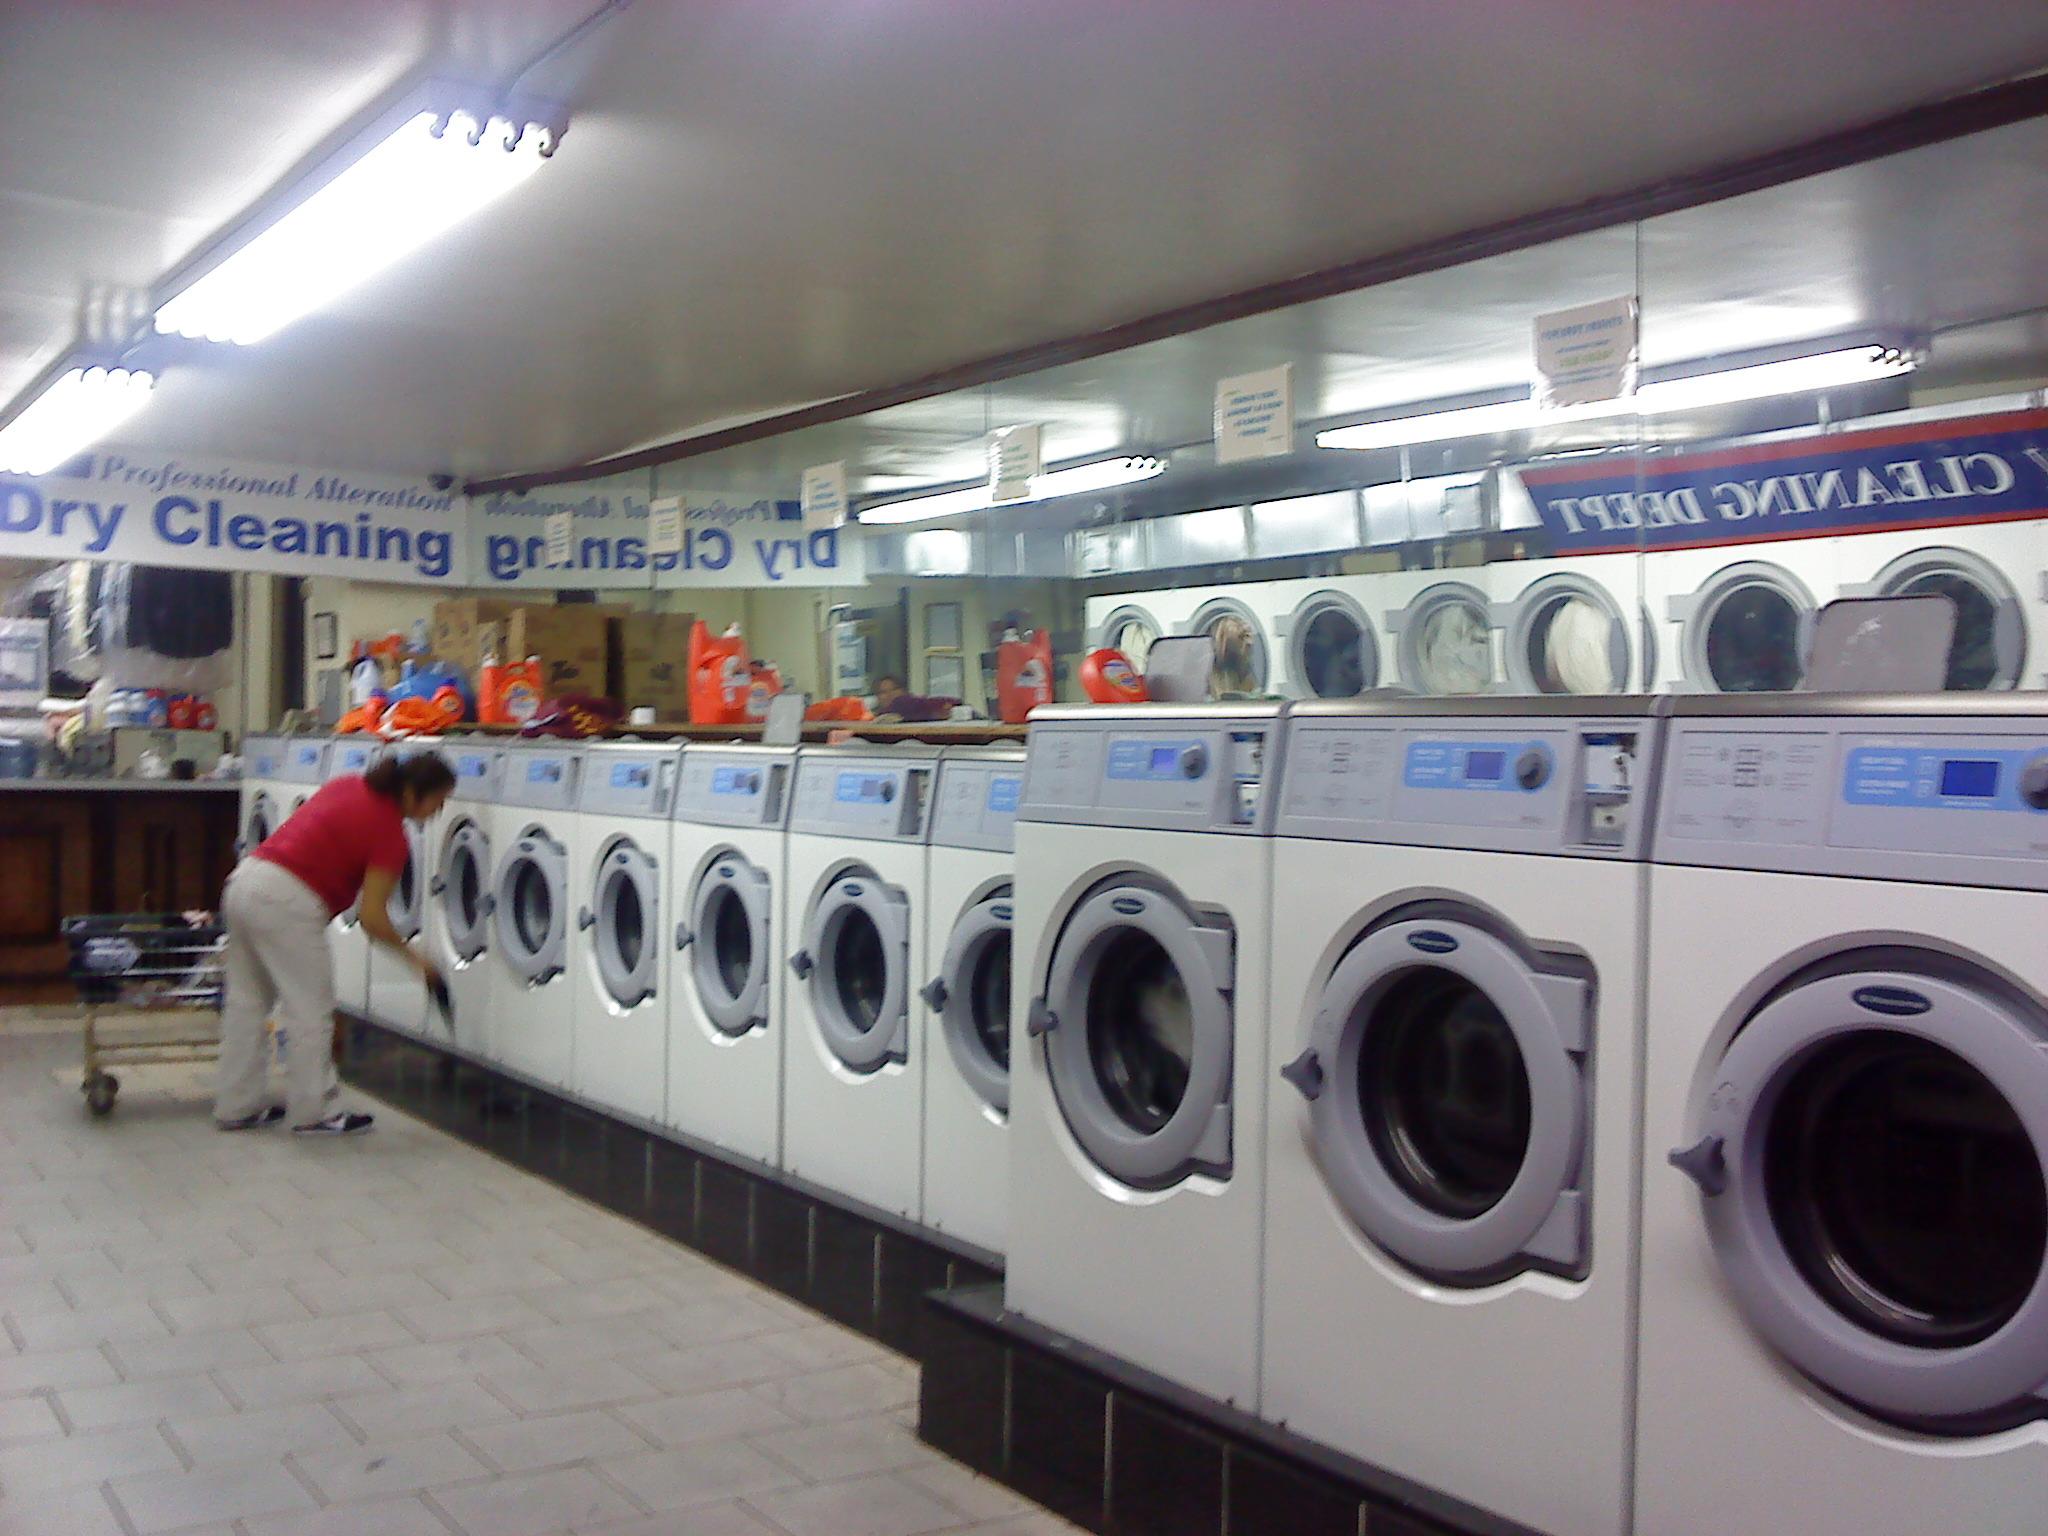 Laundromat 런드로멧-맨해튼 NY